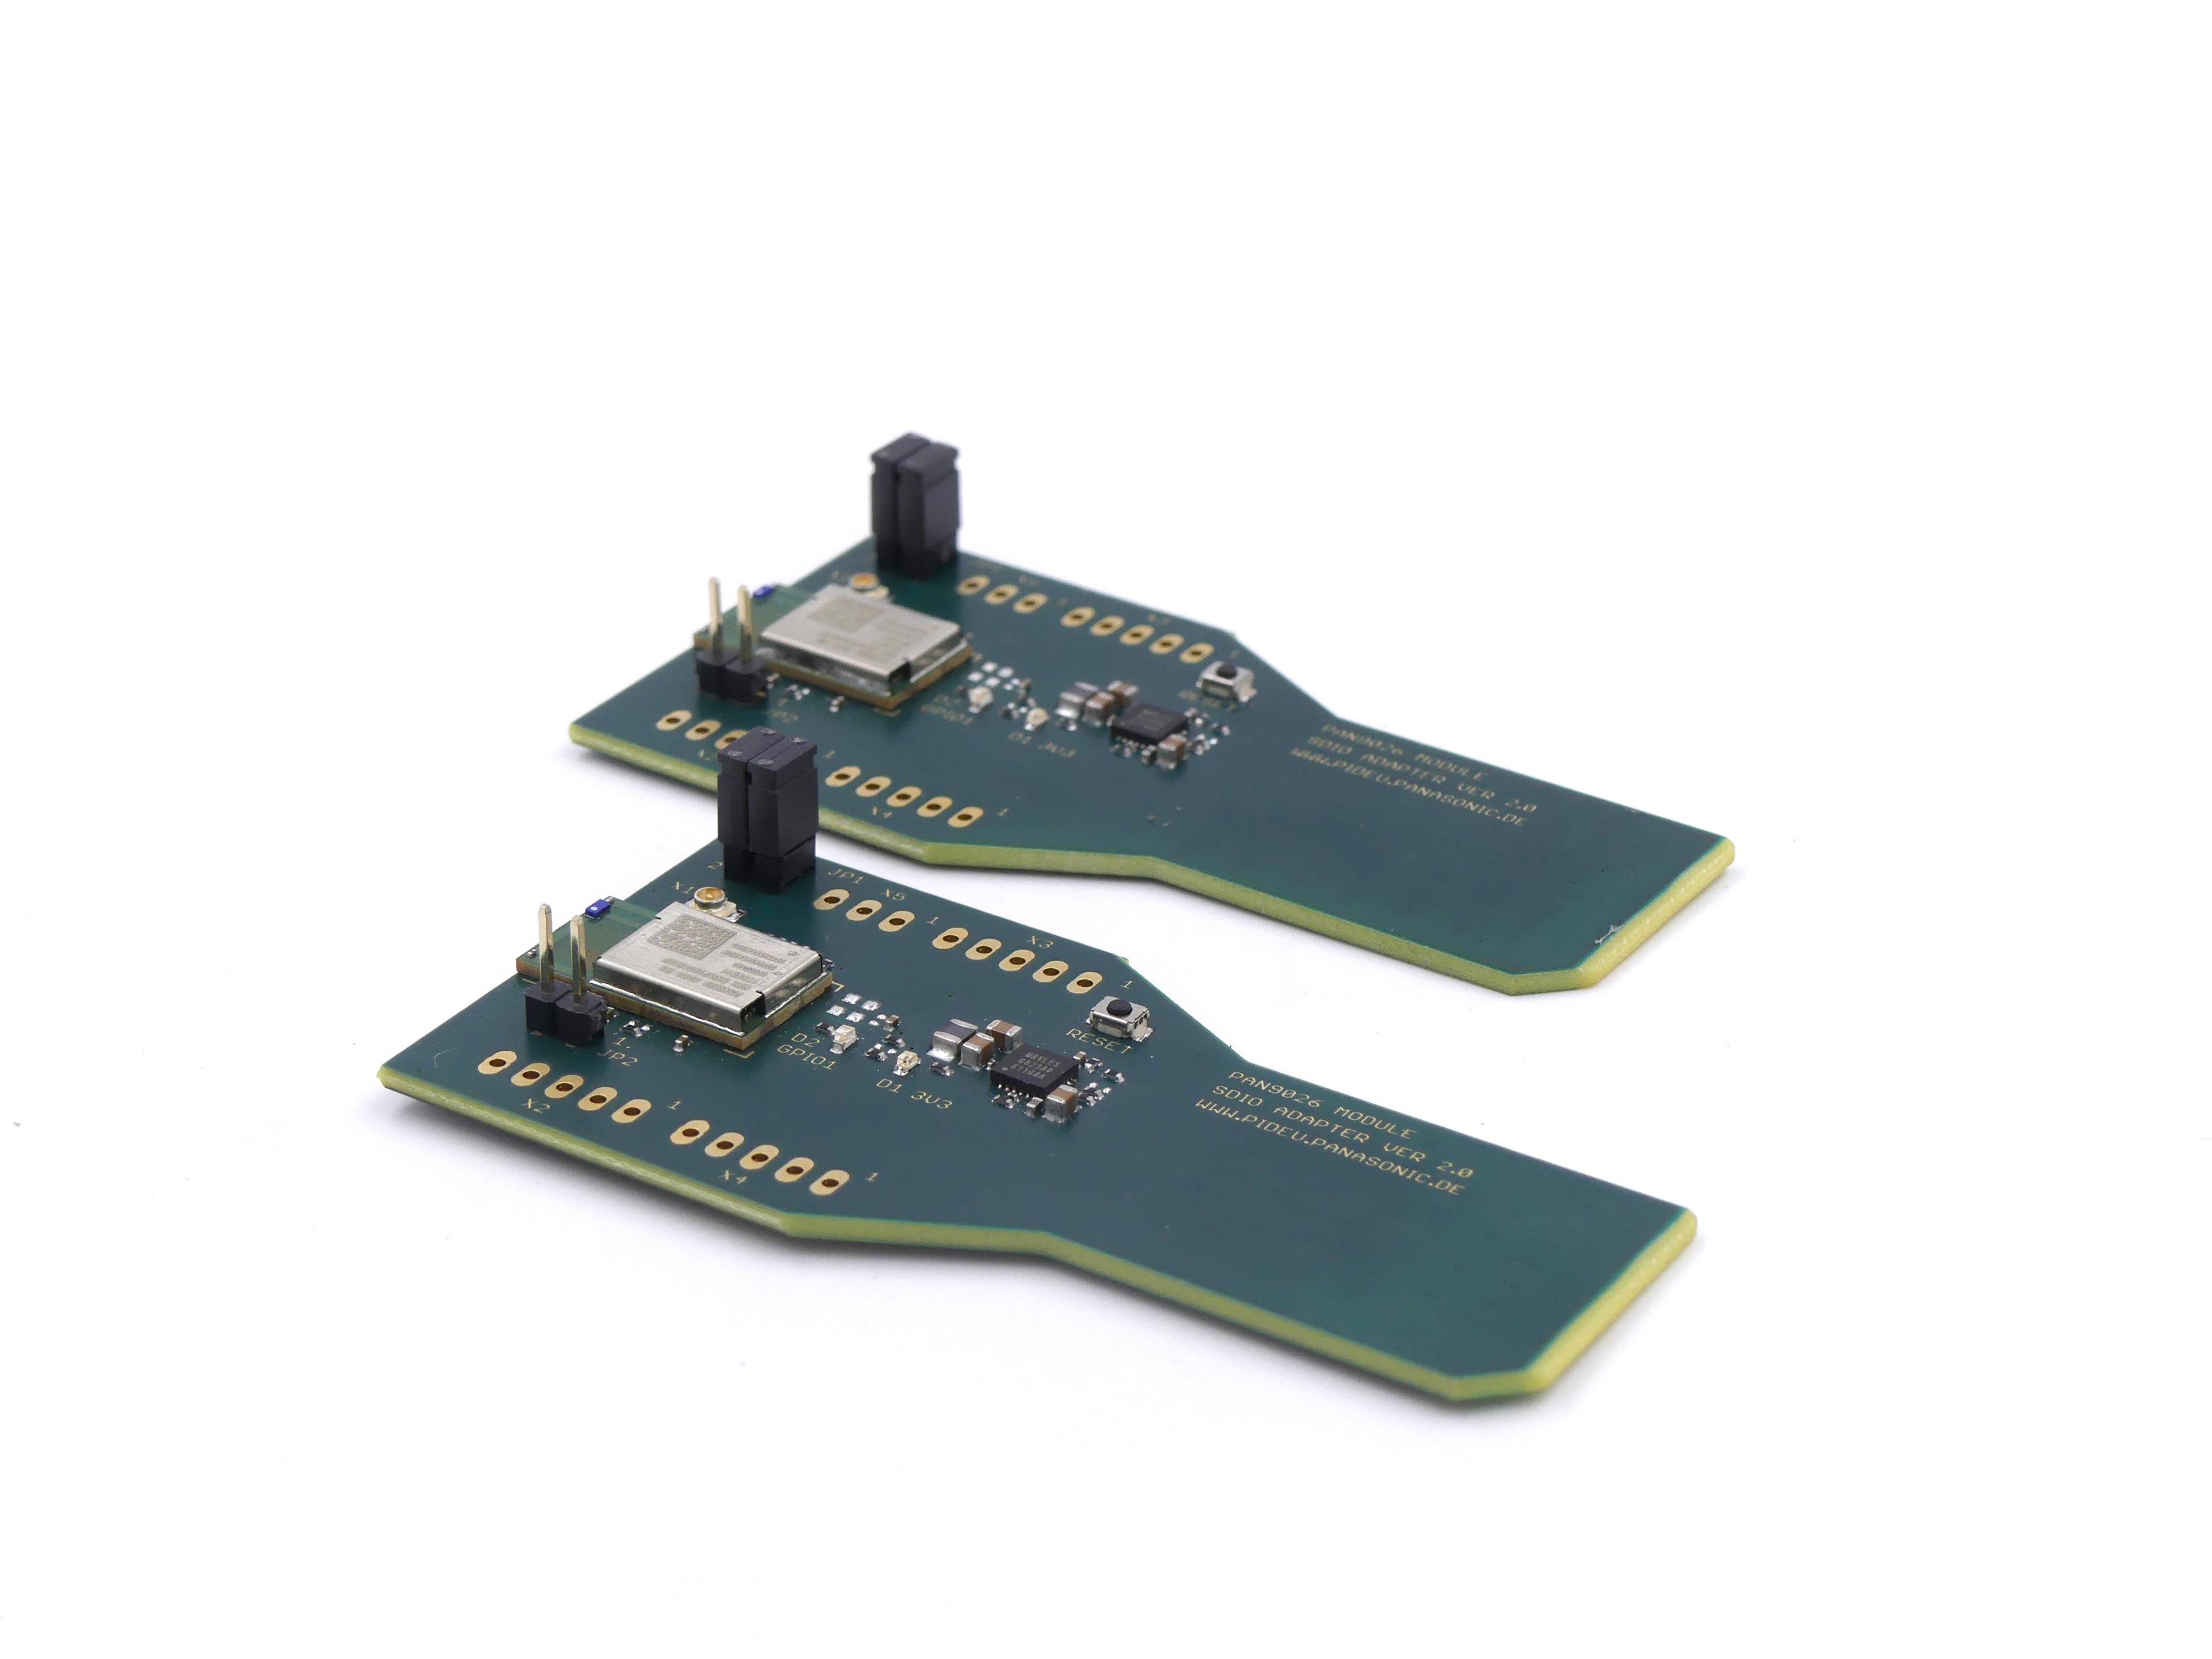 ENWF9201AYEF - PAN9026_ETU Kit